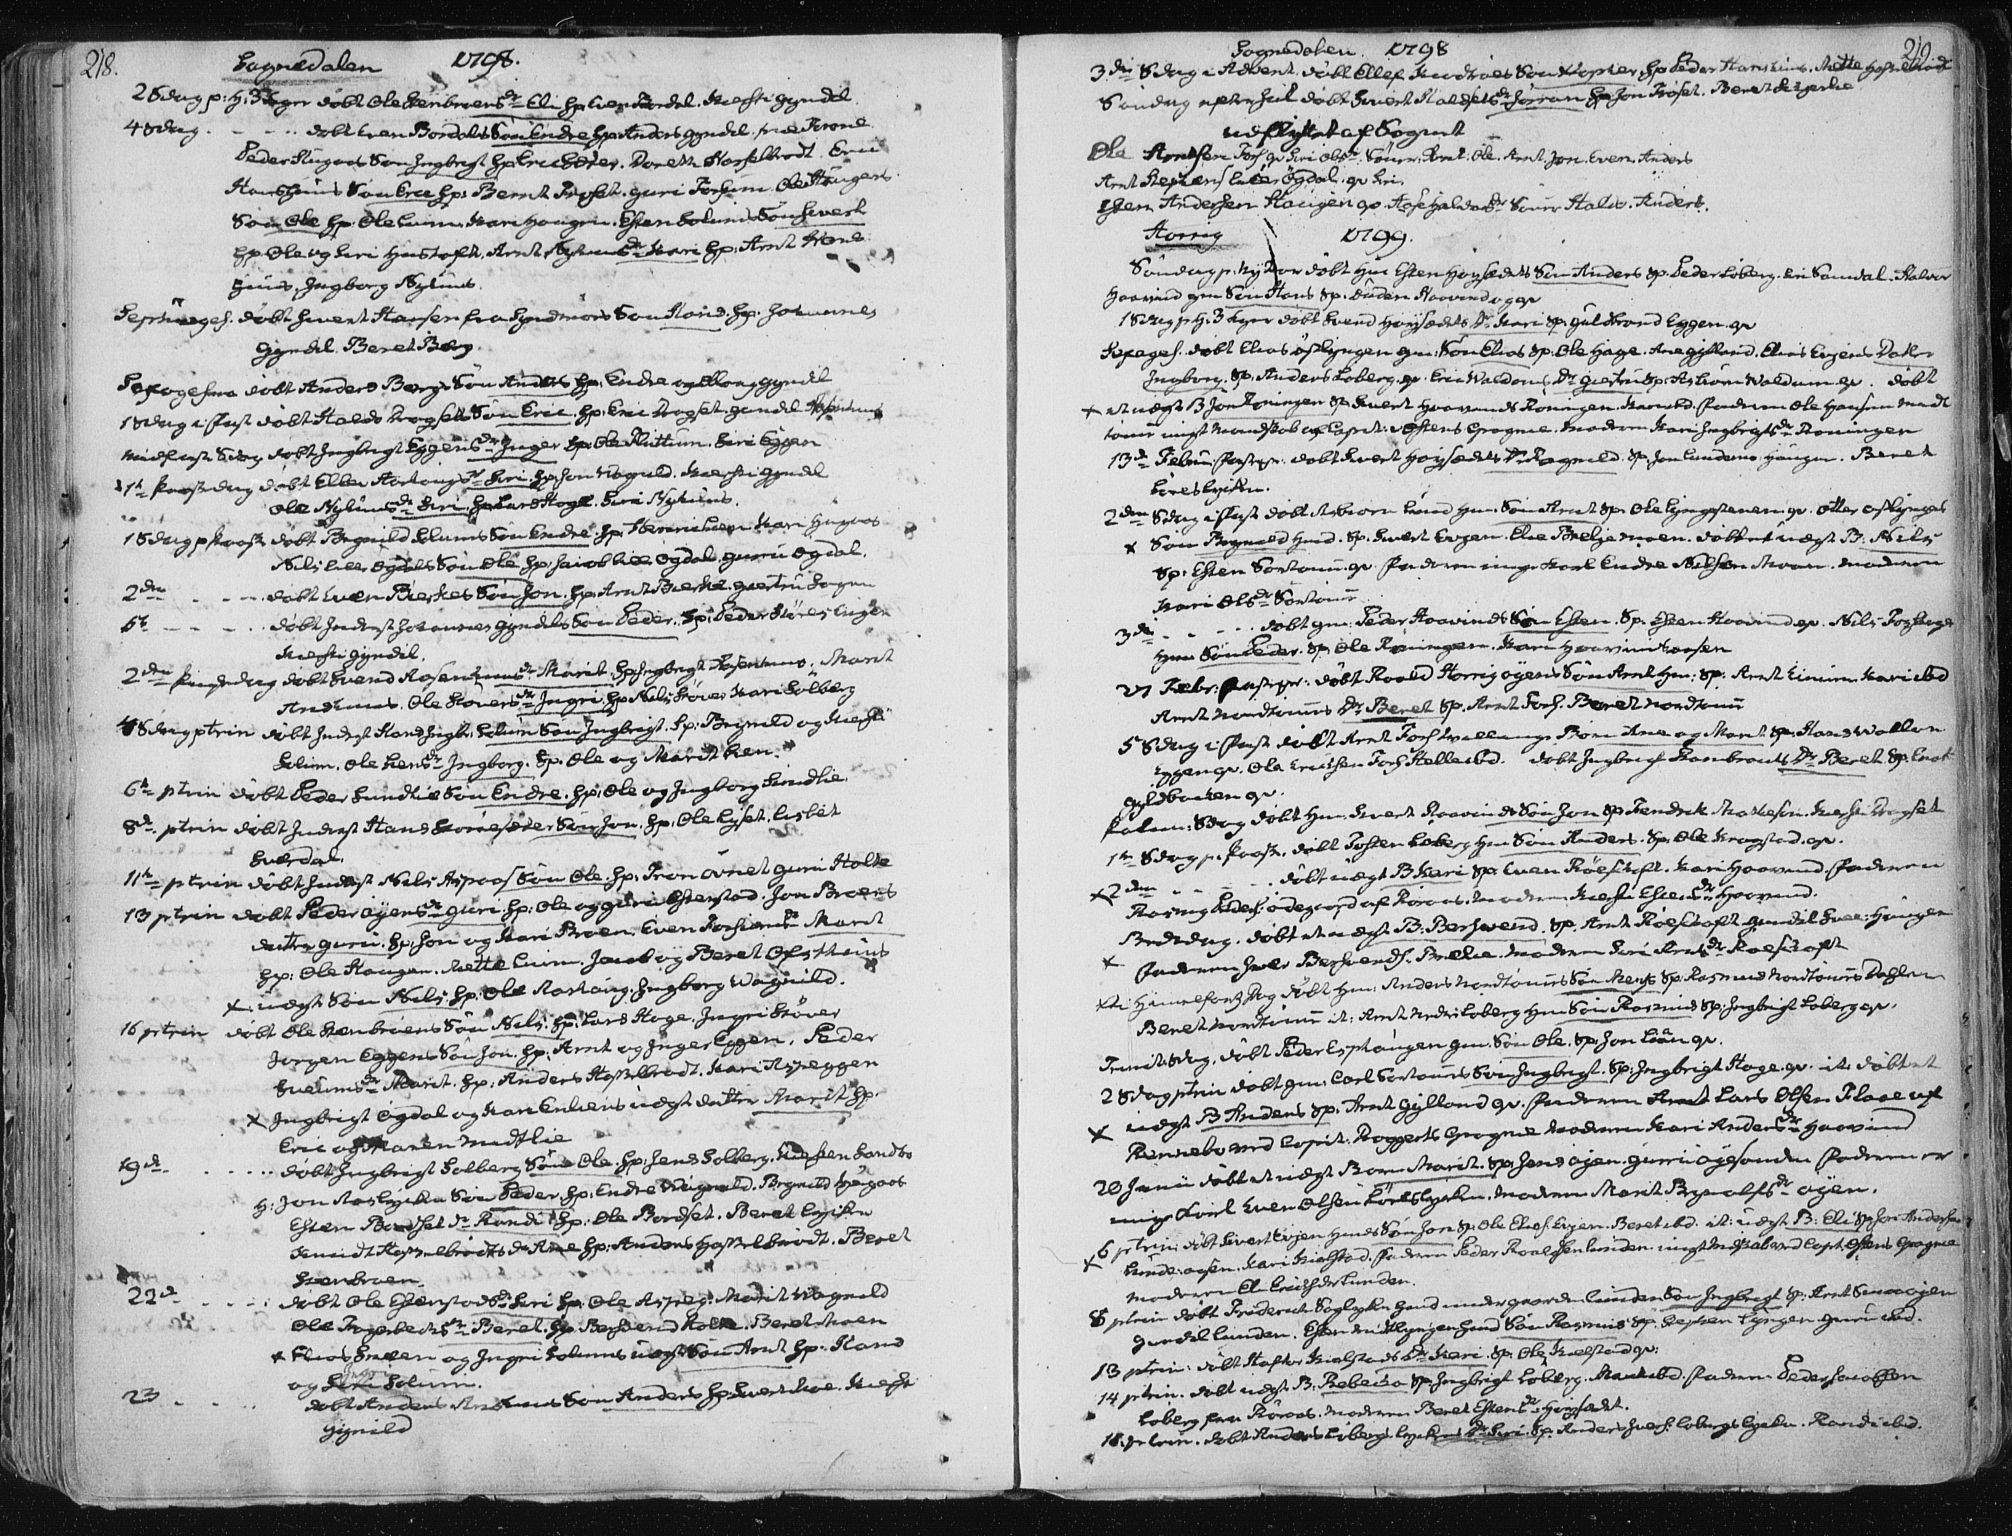 SAT, Ministerialprotokoller, klokkerbøker og fødselsregistre - Sør-Trøndelag, 687/L0992: Ministerialbok nr. 687A03 /1, 1788-1815, s. 218-219